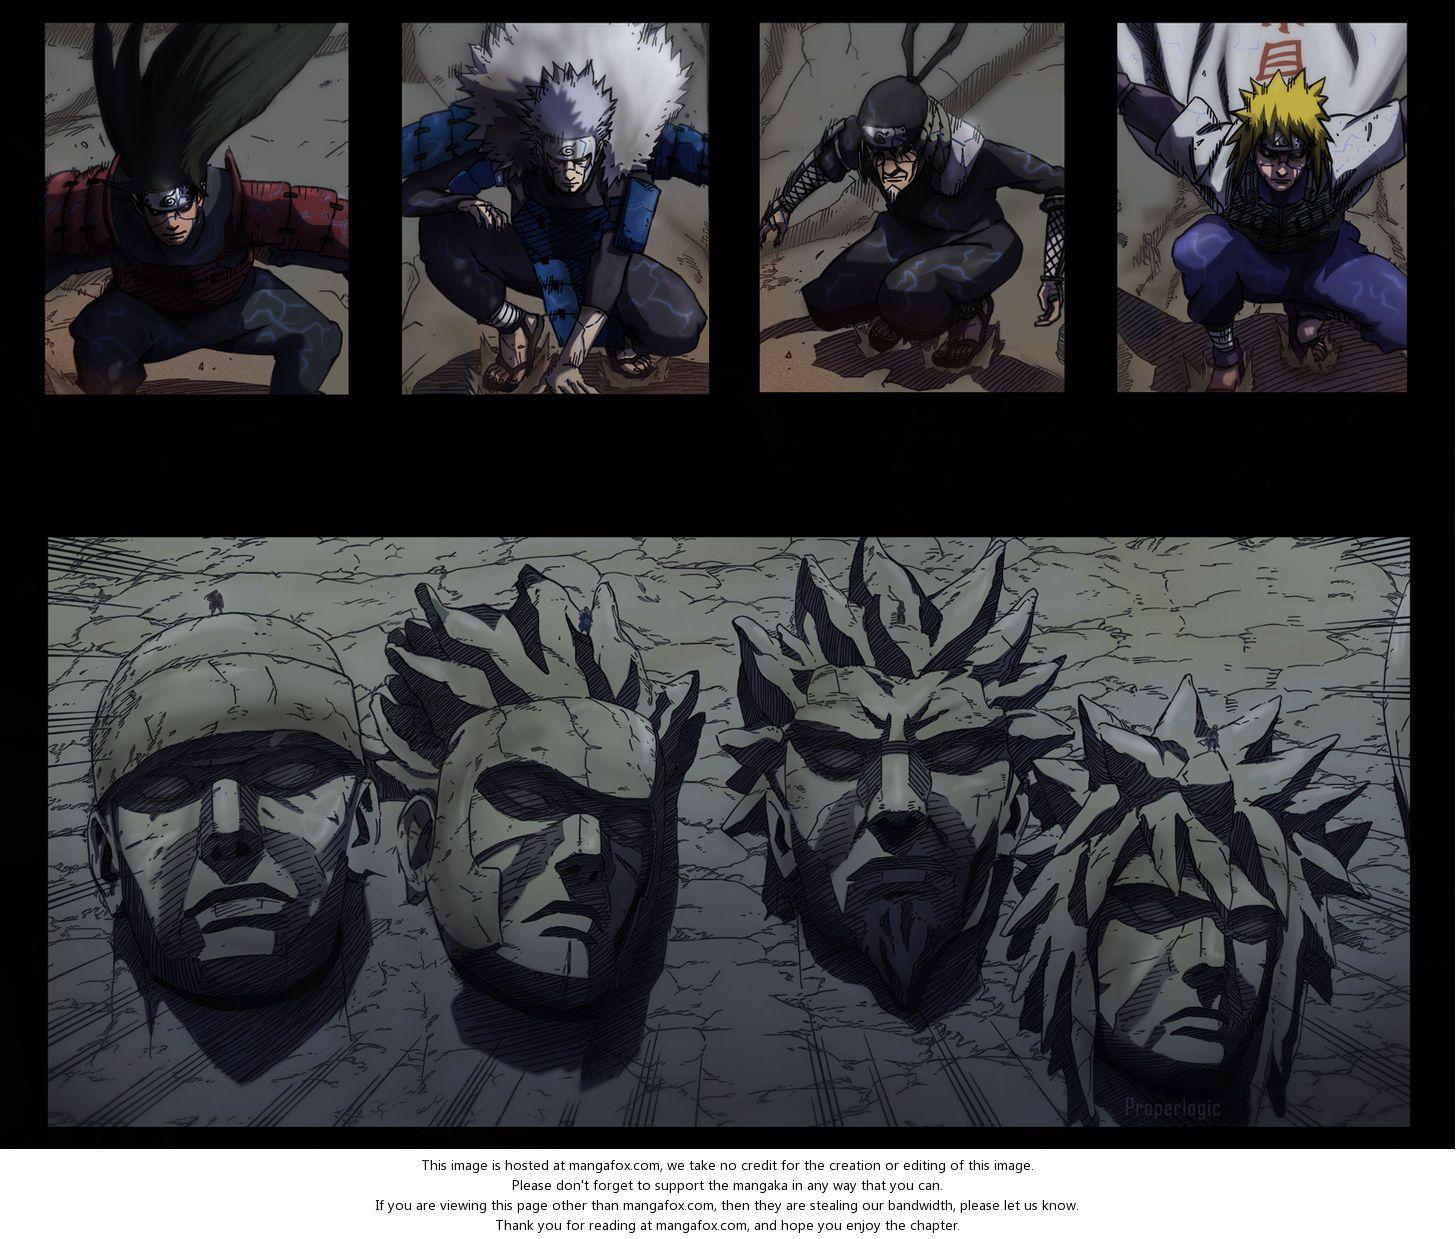 Naruto Hokage Naruto, Manga naruto, Konoha village